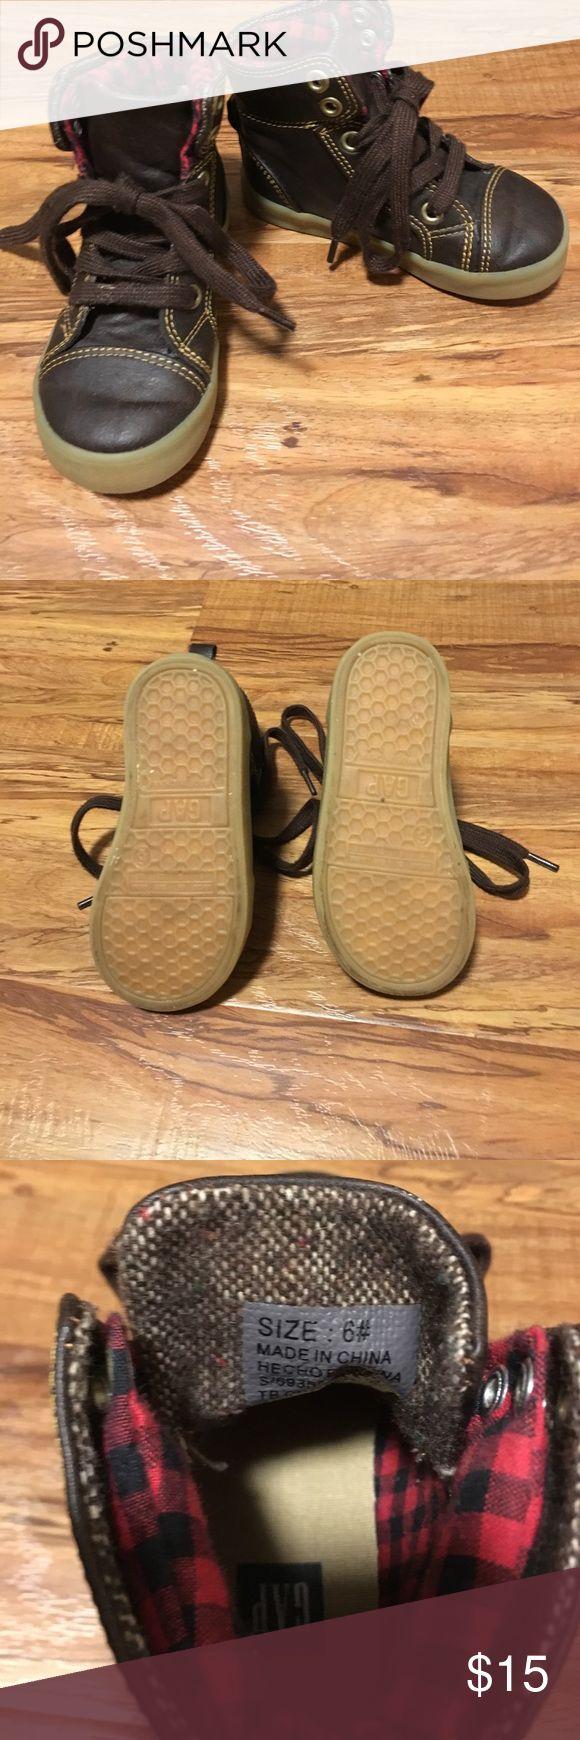 Gap toddler boy lumberjack boots Size 6 toddler boy lumberjack boots GAP Shoes Boots